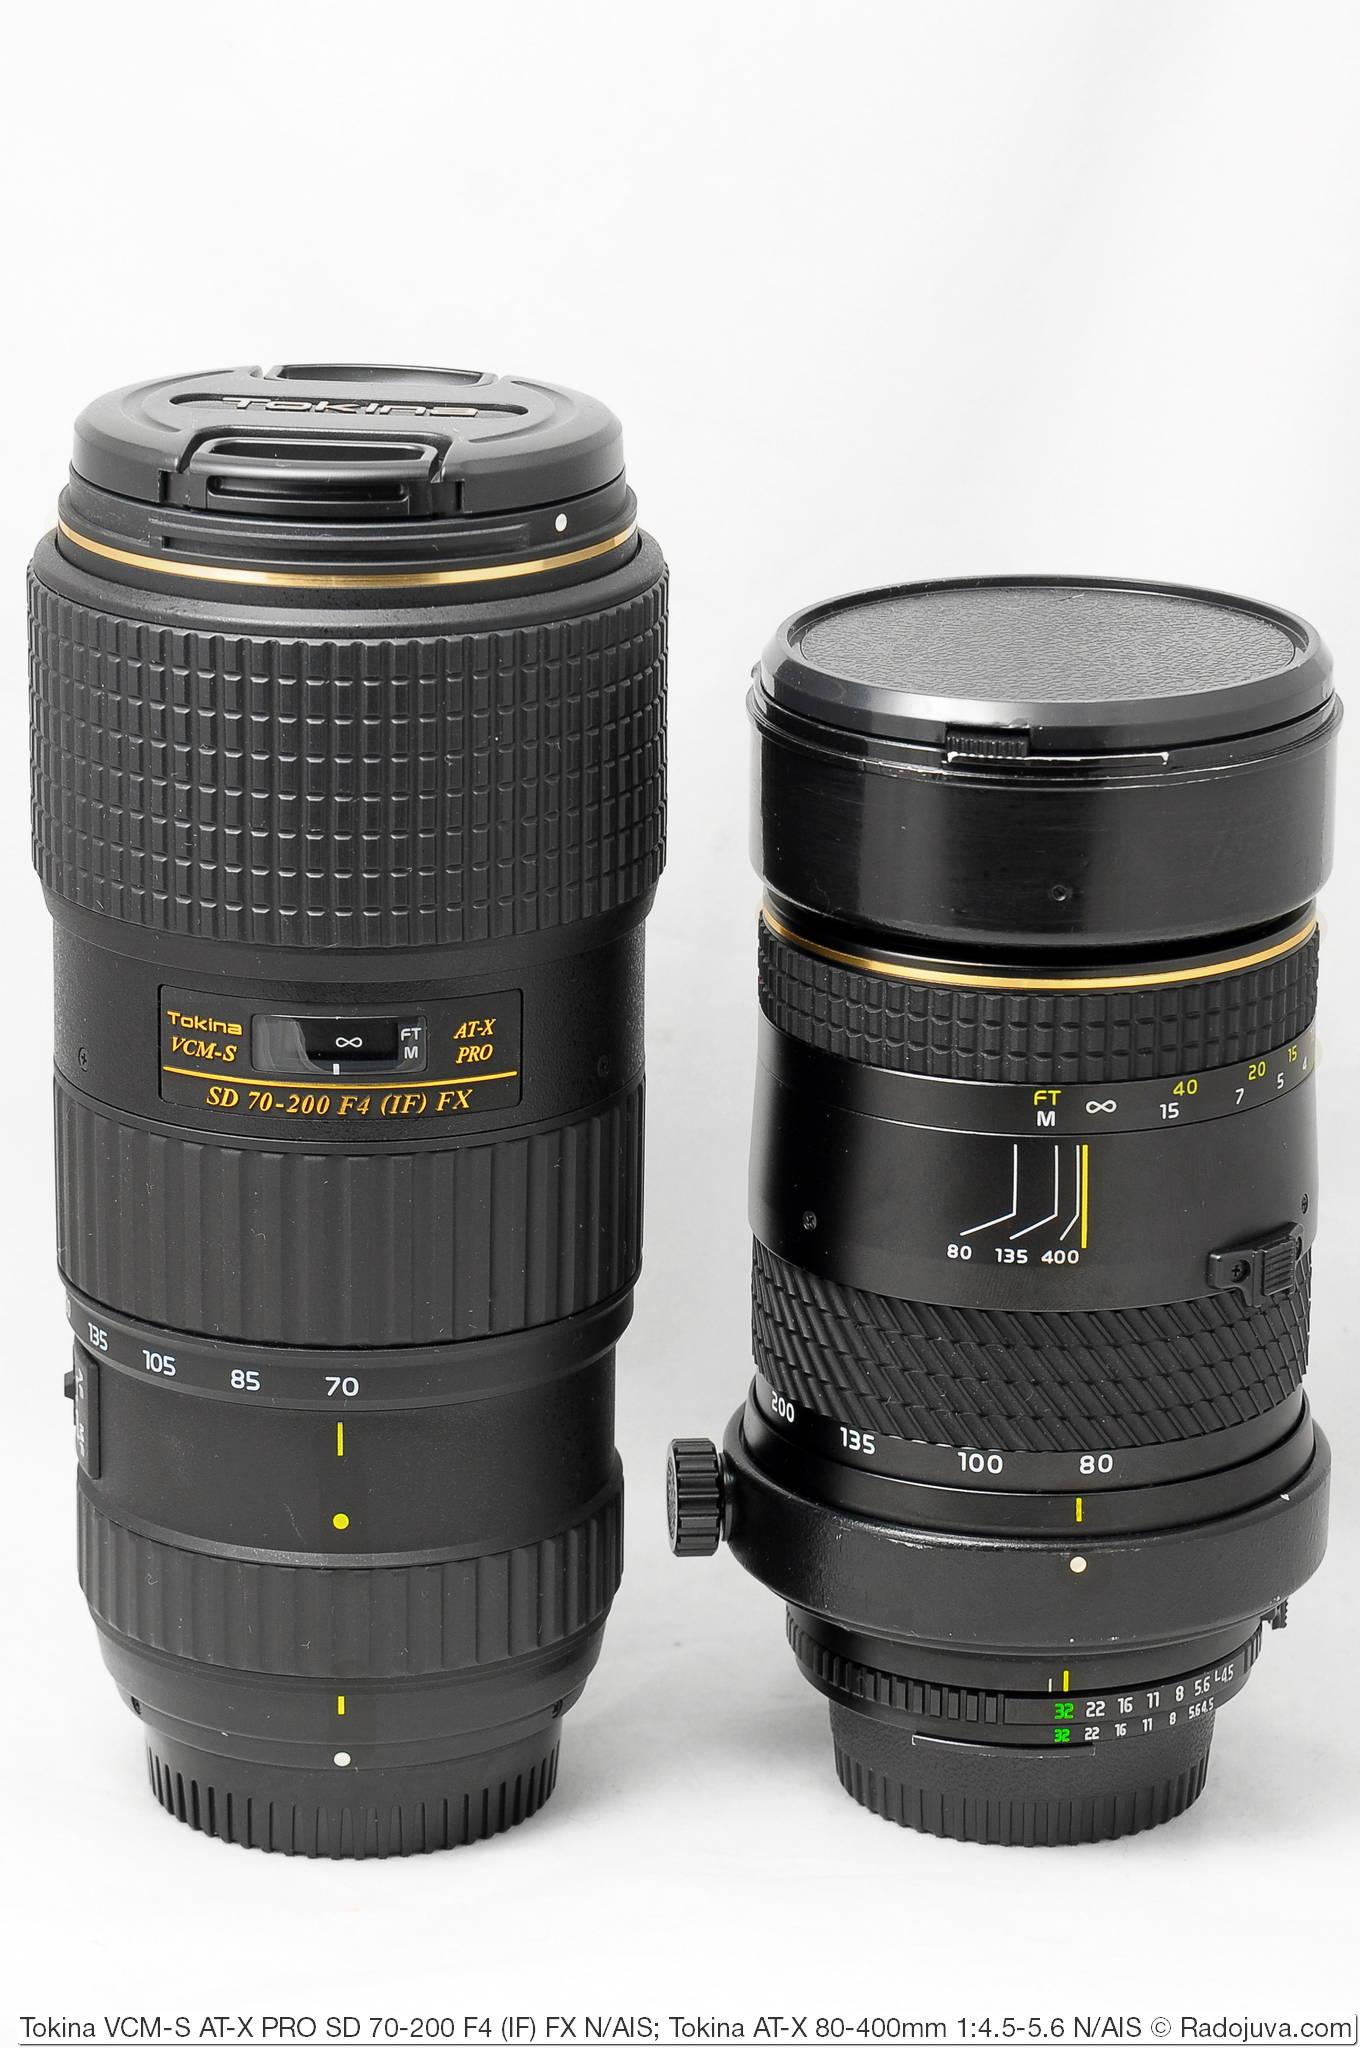 Tokina VCM-S AT-X PRO SD 70-200 F4 (IF) FX и Tokina AT-X 80-400mm 1:4.5-5.6 (AT-X 840 AF-II)